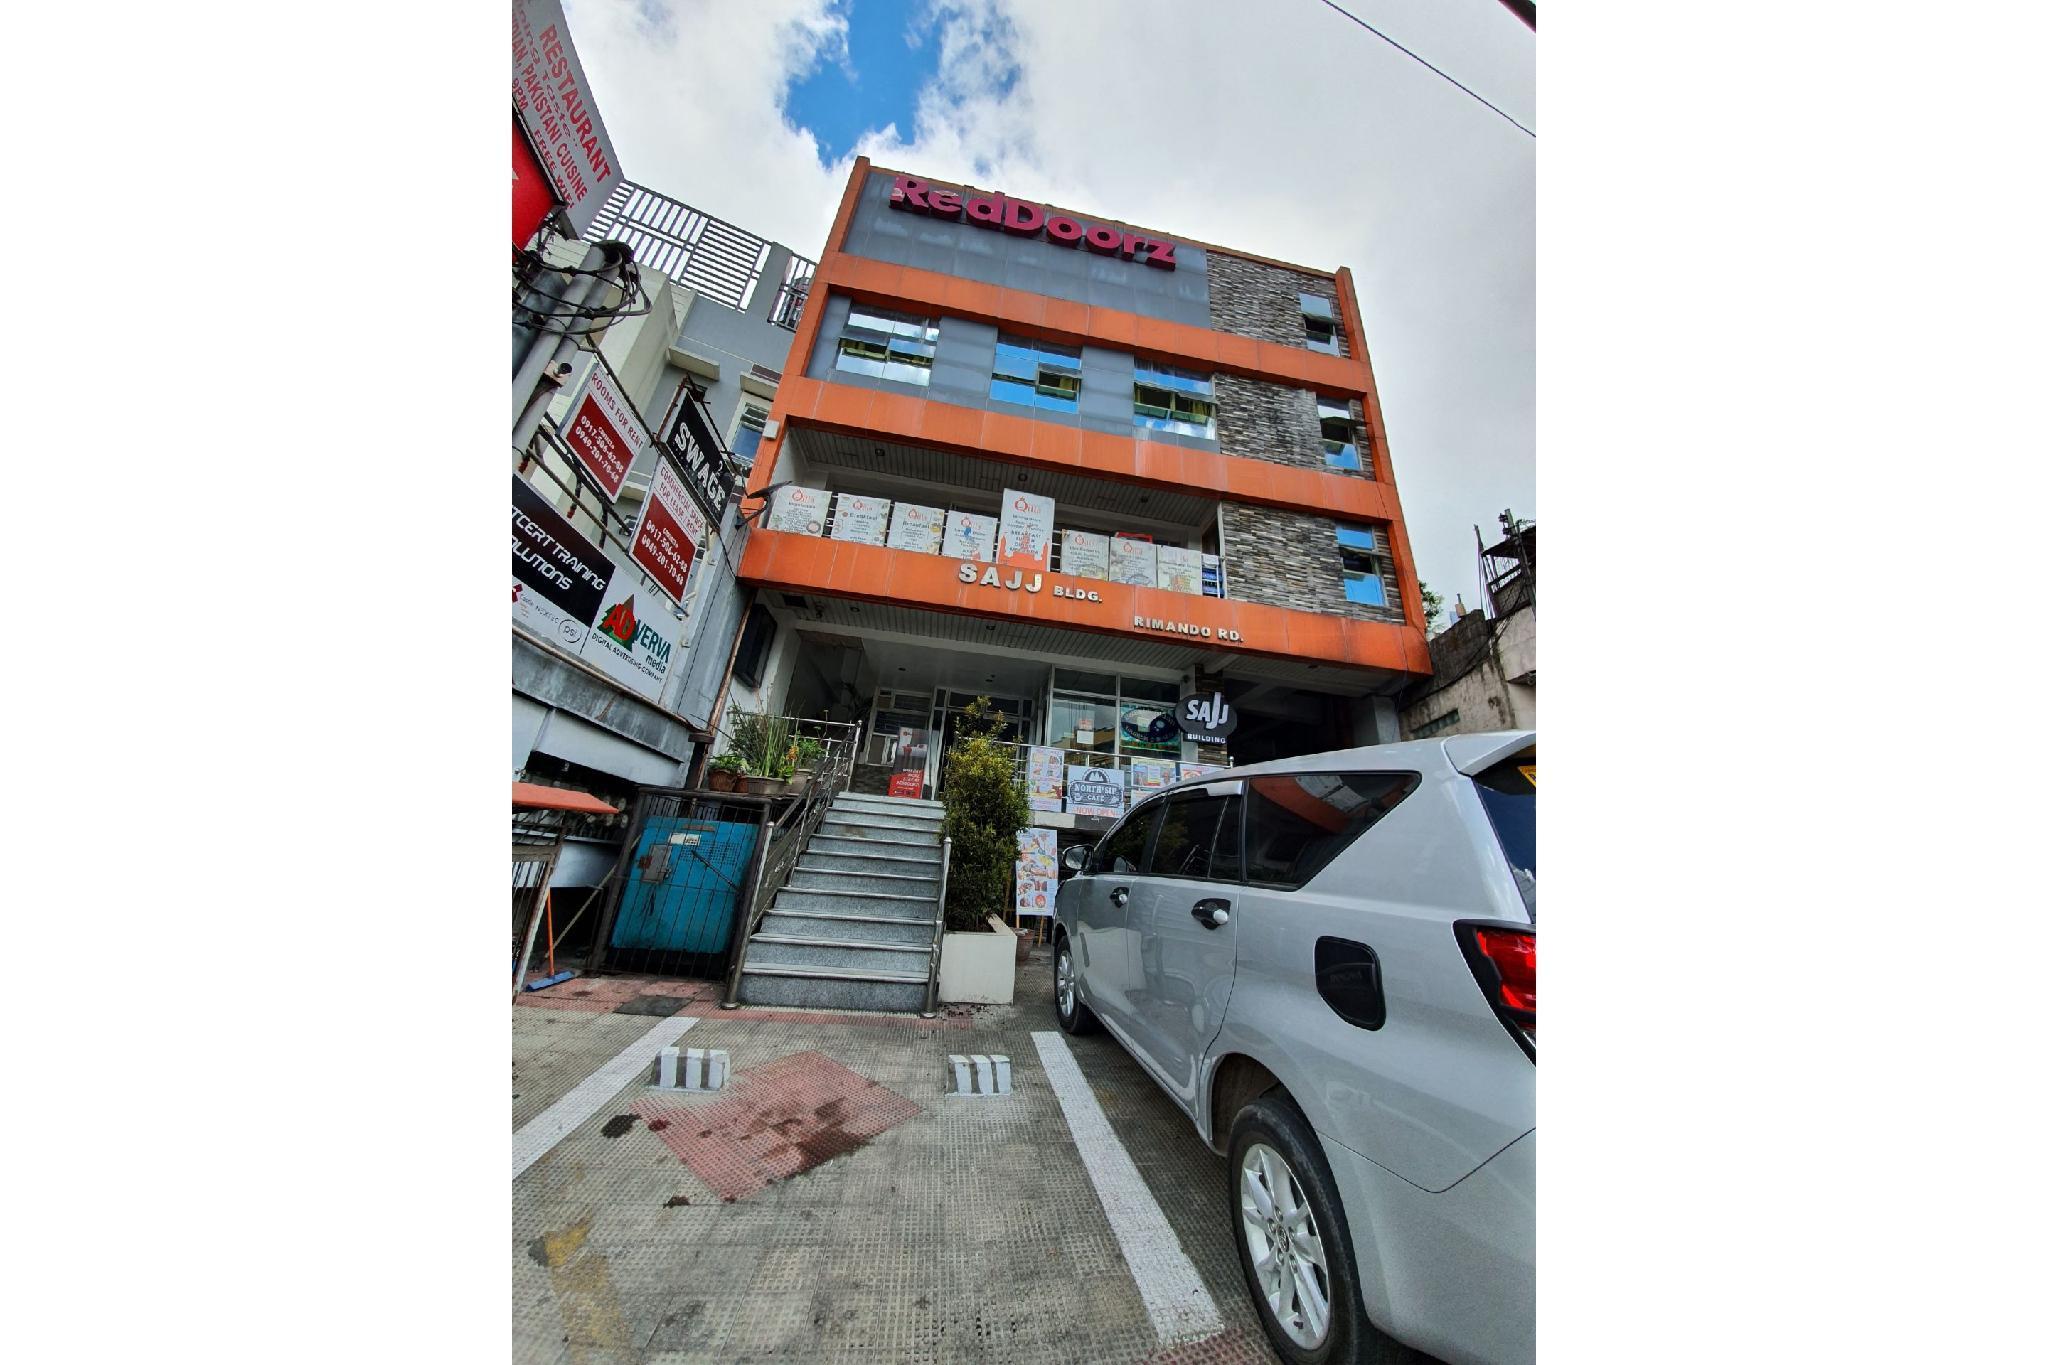 Sajj Building